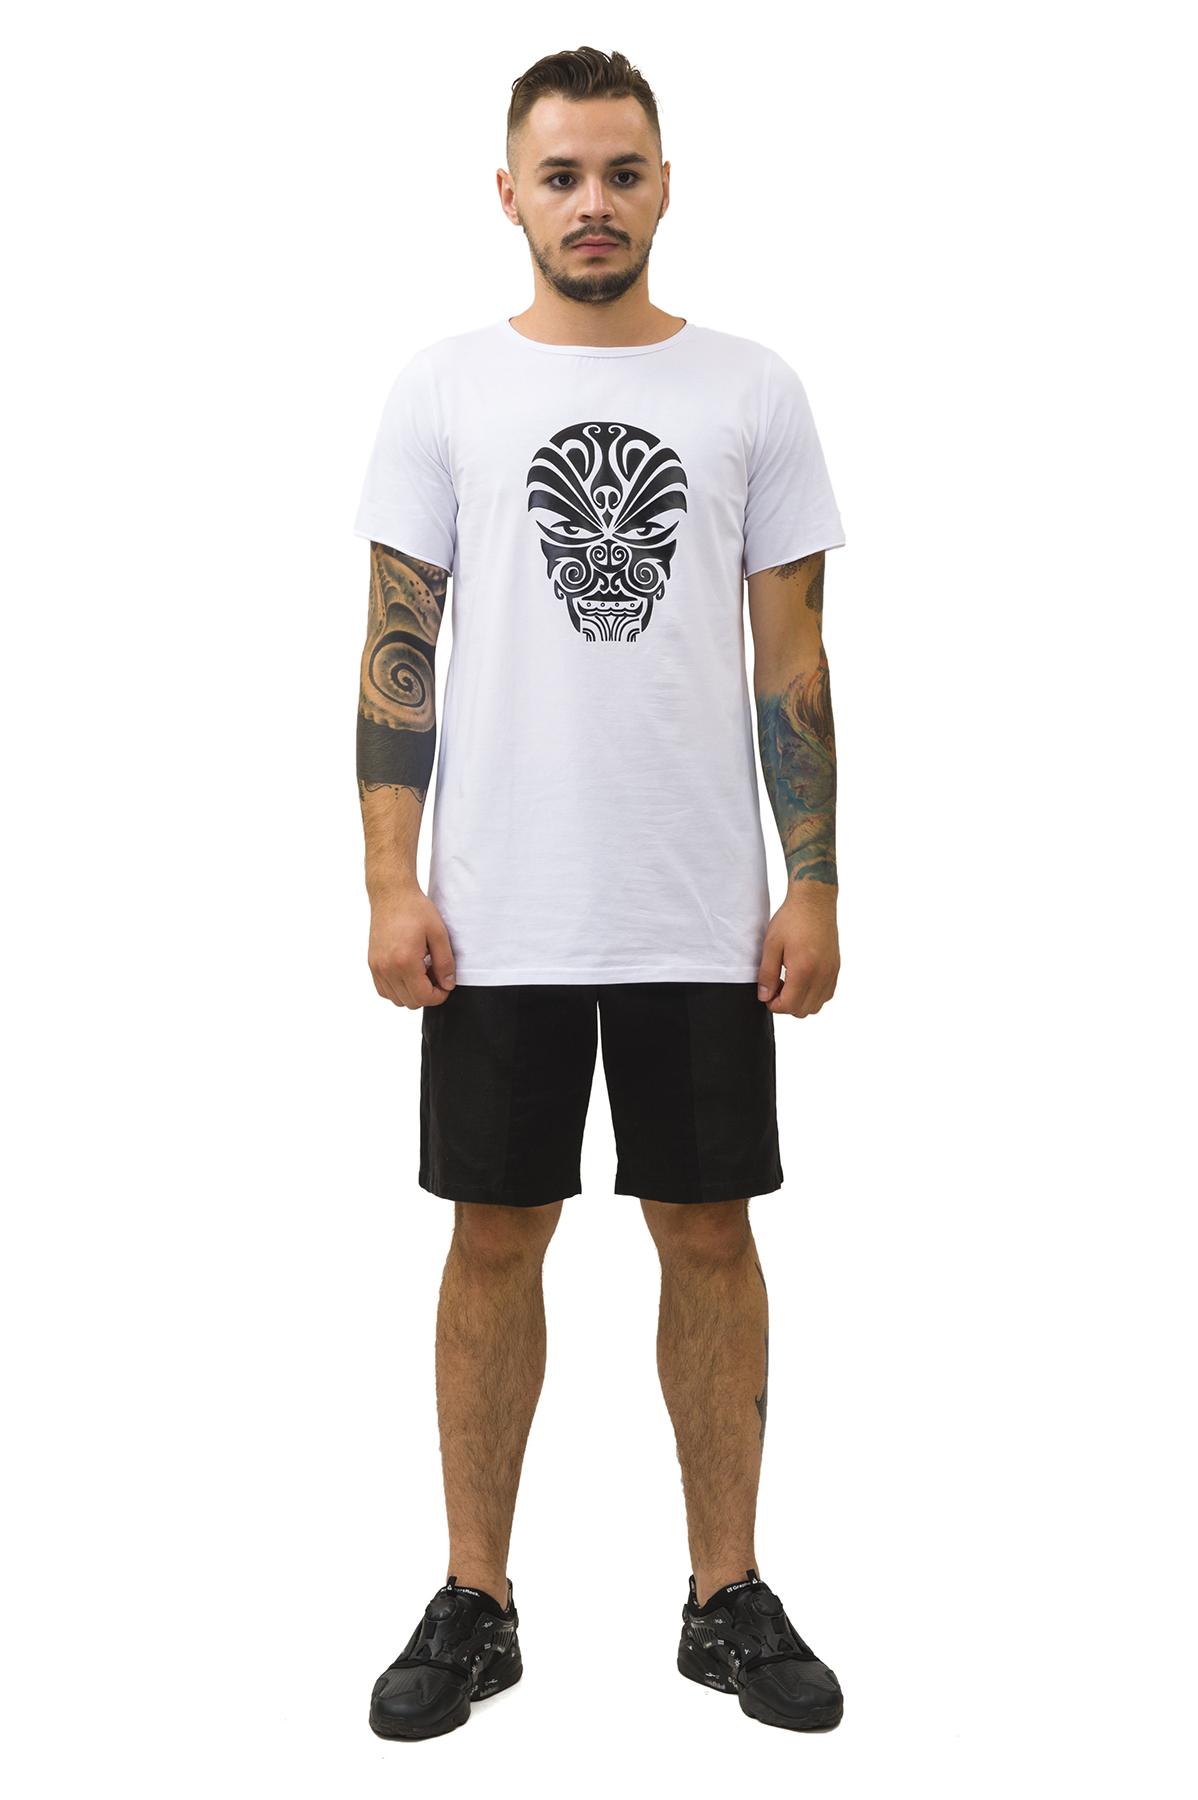 ФутболкаМужские футболки, джемпера<br>Футболка Pavel Yerokin с принтом  выполнена из хлопкового трикотажа с добавлением эластана. Особенности: свободный удлиненный крой, принт — этническая маска.<br><br>Цвет: белый<br>Состав: Хлопок - 92%, Эластан - 8%<br>Размер: 44,48<br>Страна дизайна: Россия<br>Страна производства: Россия